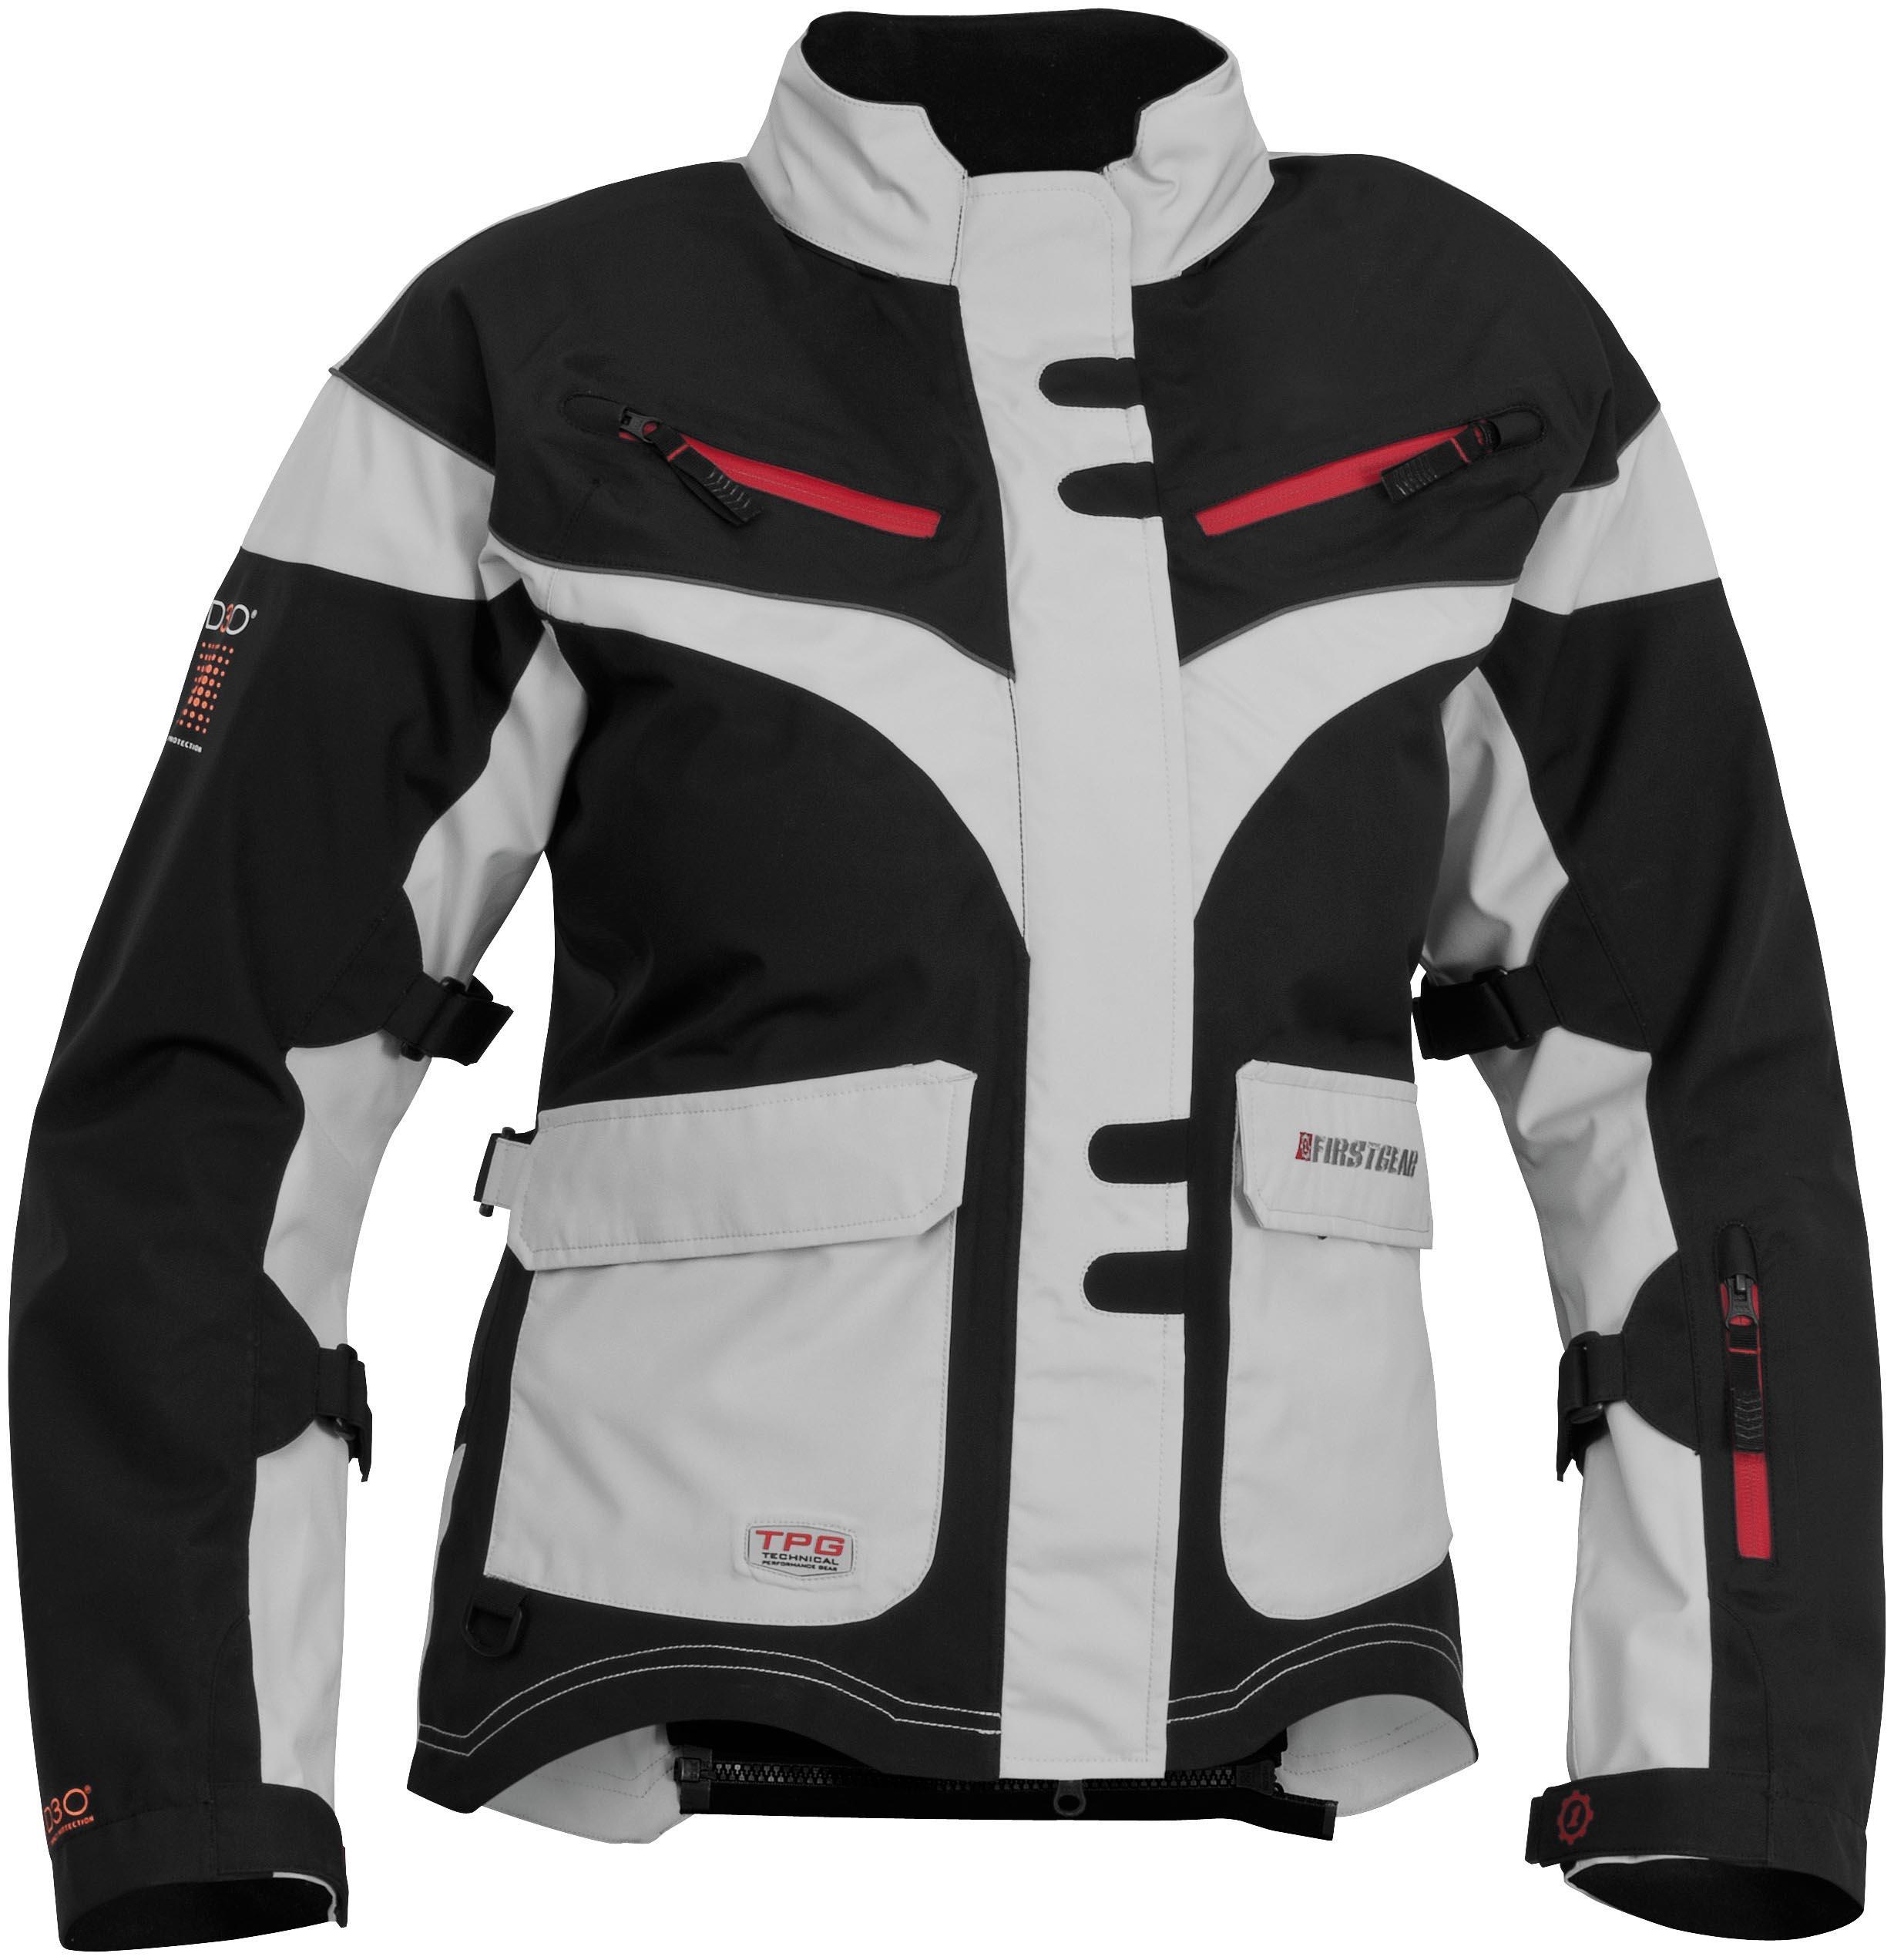 Firstgear 14' TPG Monarch Womens Jacket